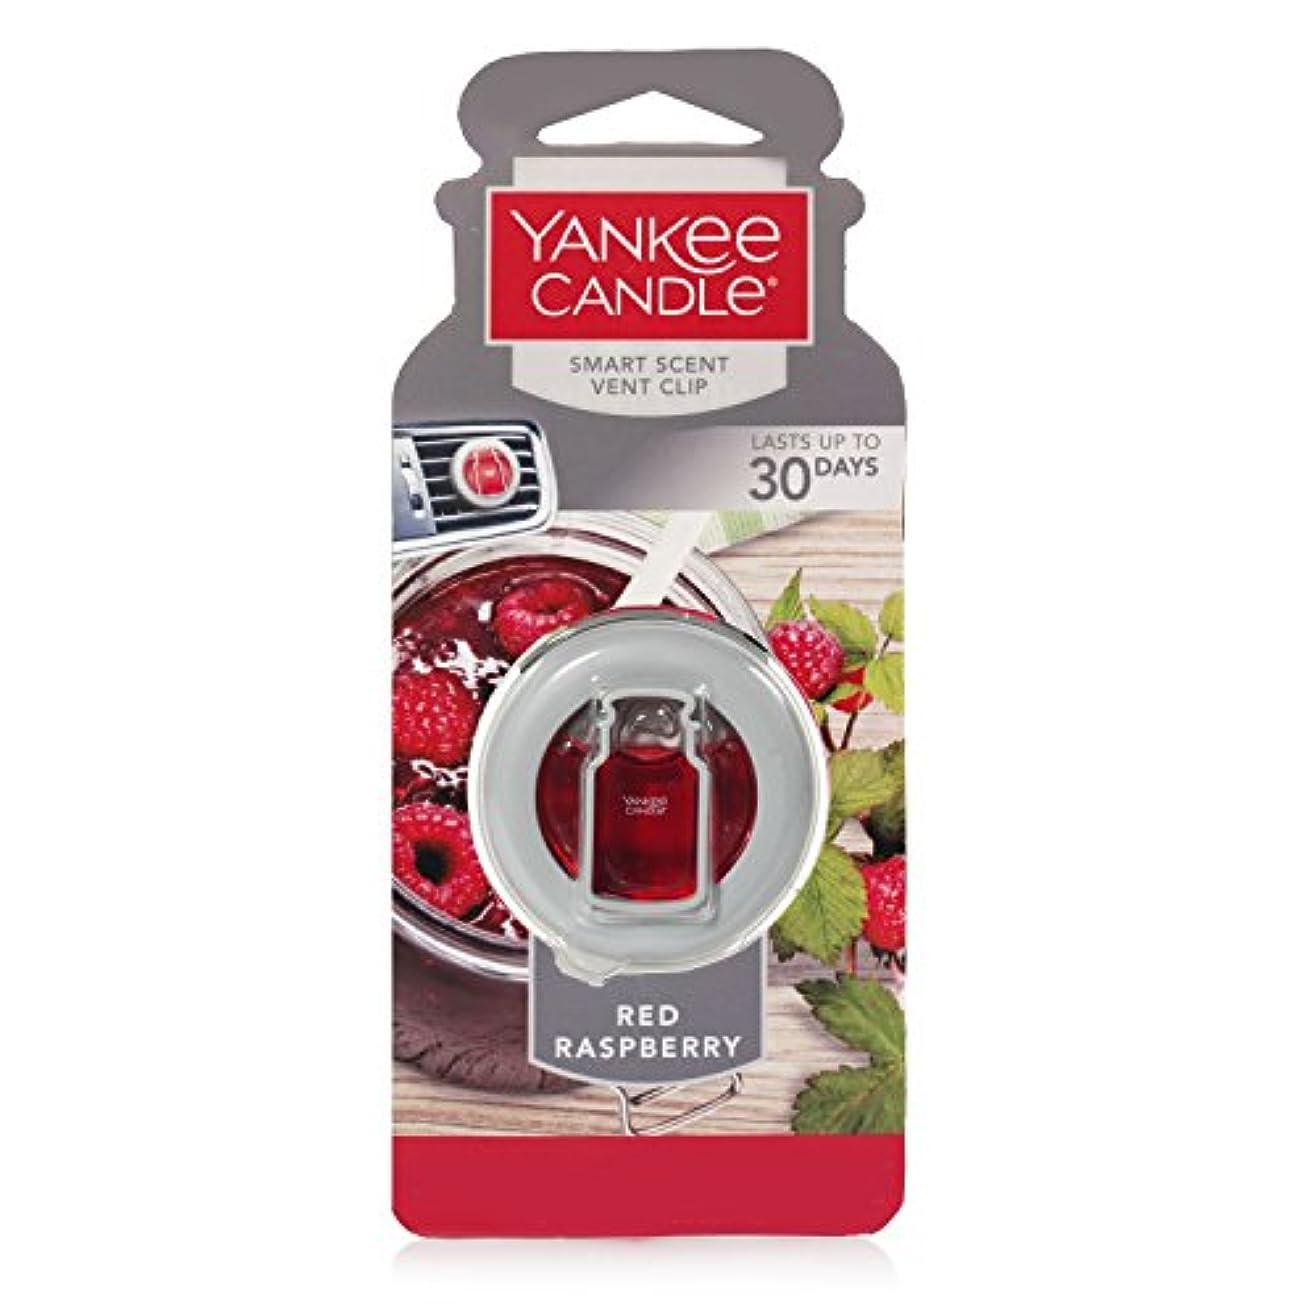 費やす地雷原殺すYankee Candleレッドラズベリーティーライトキャンドル、フルーツ香り Smart Scent Car Vent Clip Air Freshener レッド 1333960